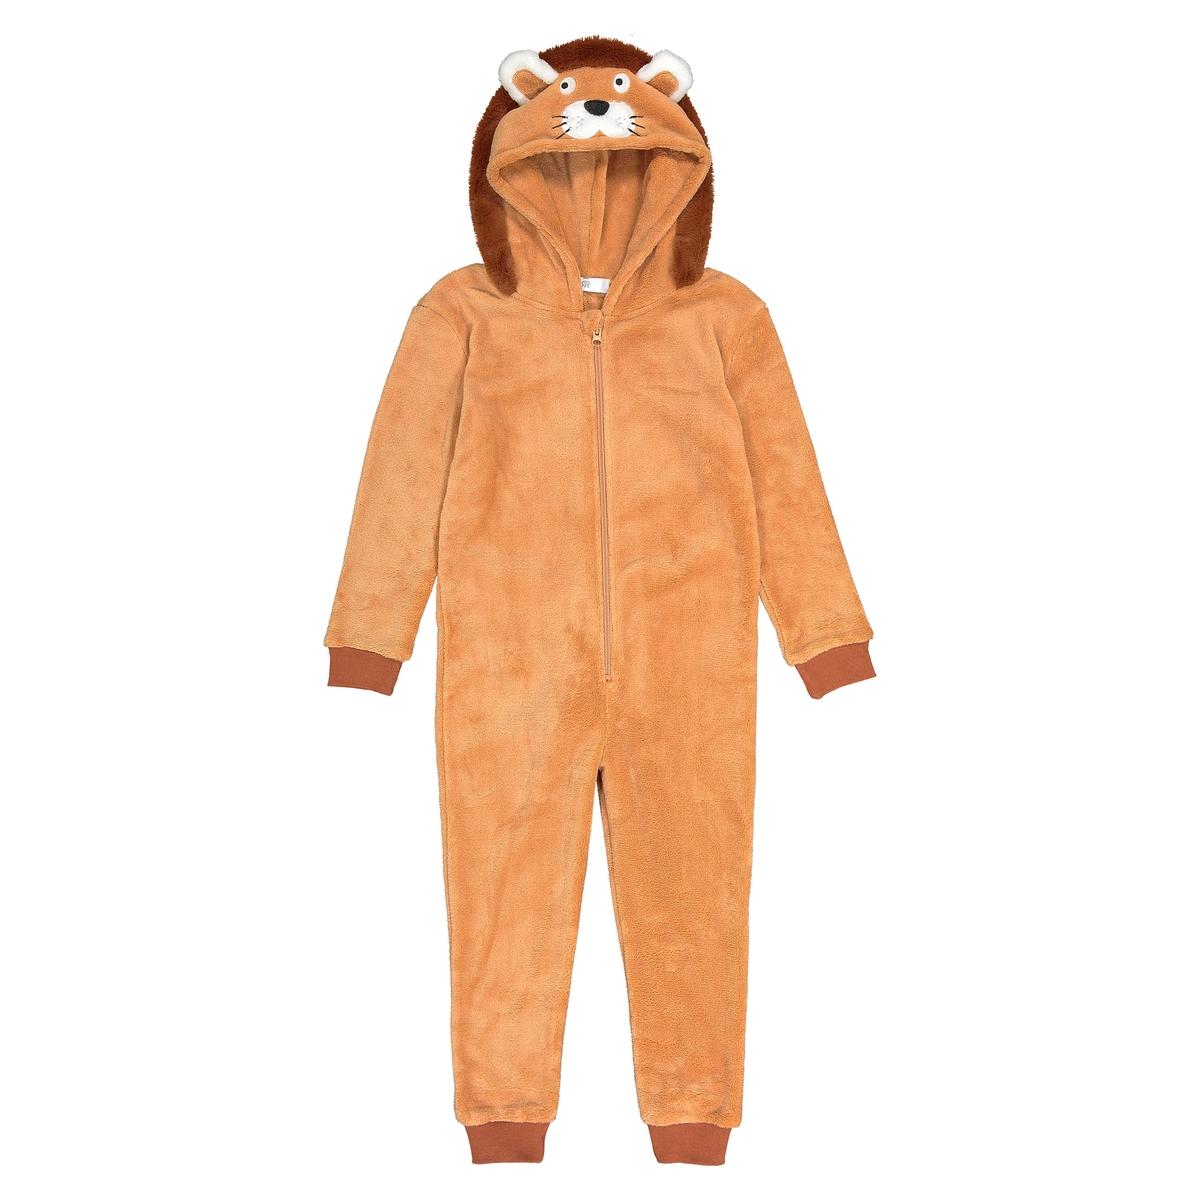 Комбинезон-пижама лев 3-12 лет La Redoute Collections